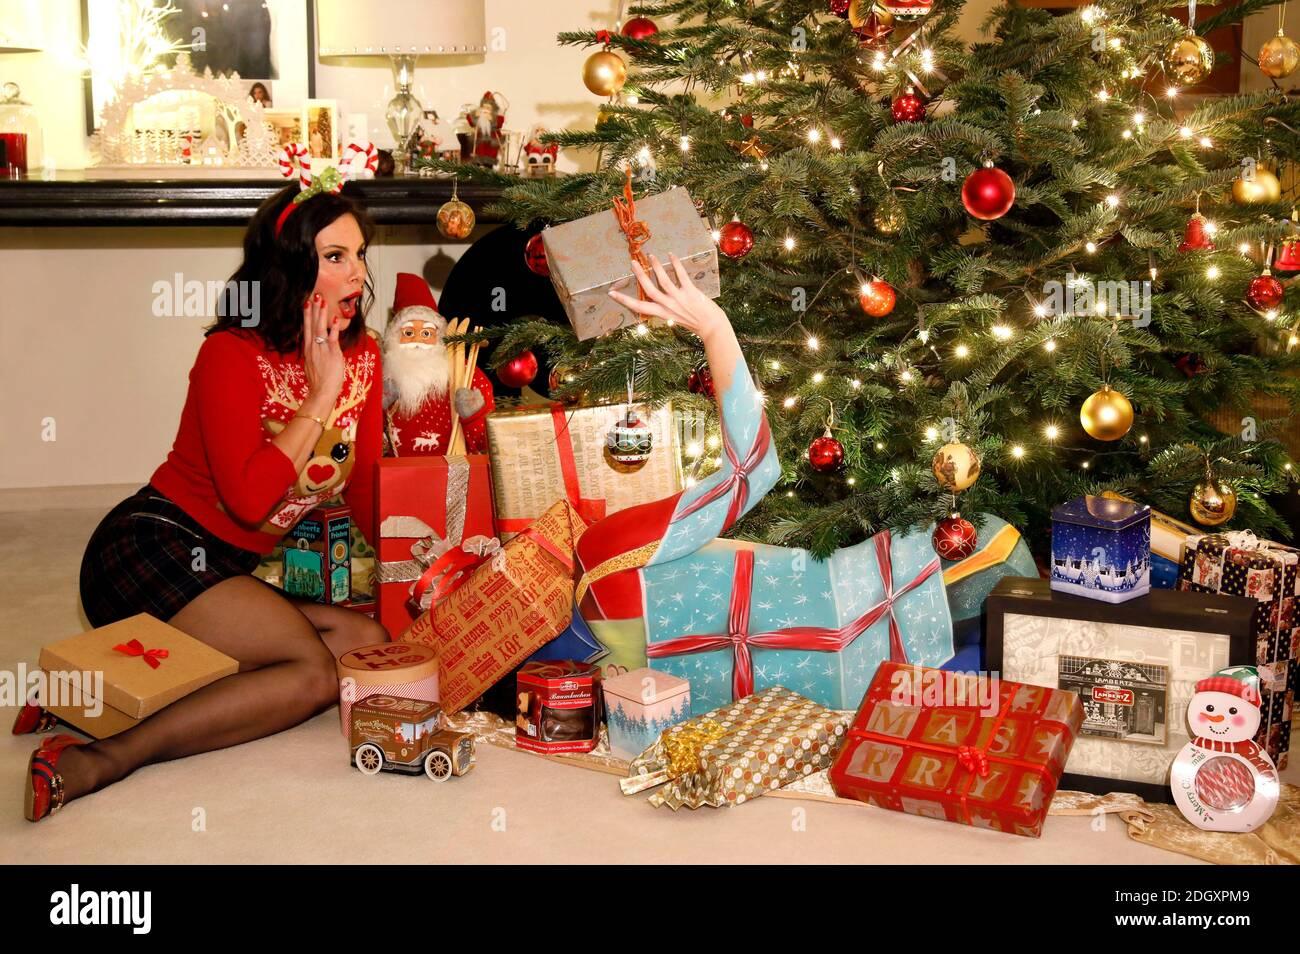 Adventszeit mit Dany Michalski. Exklusives Fotoshooting mit Dany Michalski und Model Katey als Bodypainting Weihnachtspaket in Einbeck am 6. Dezember 2020 - Bodypainting Künstler: Jörg Düsterwald Stockfoto